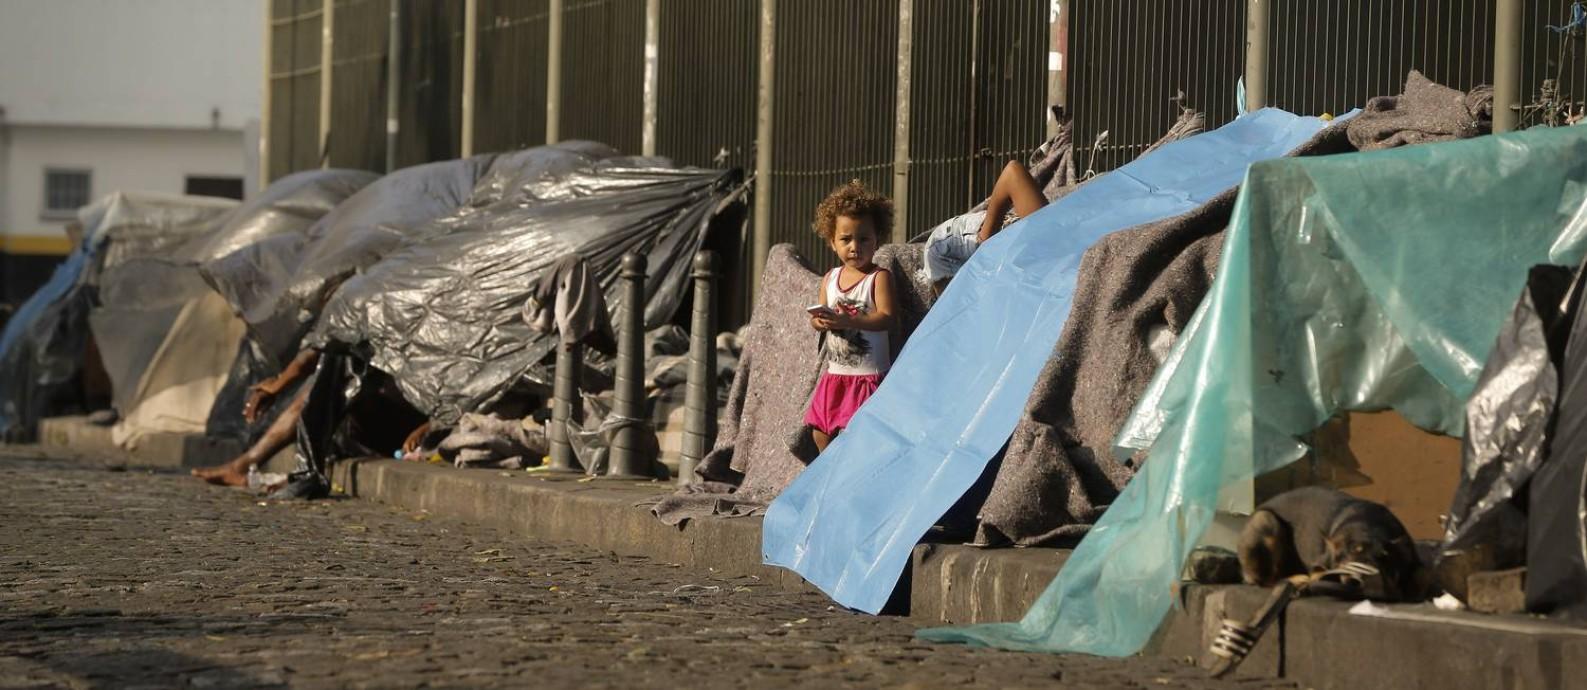 RI Rio de Janeiro (RJ) 25/07/2018 Acampamento de moradores de rua no Largo de São Francisco, no centro do Rio de Janeiro. Foto Pablo Jacob / Agencia O Globo Foto: Pablo Jacob / Agência O Globo